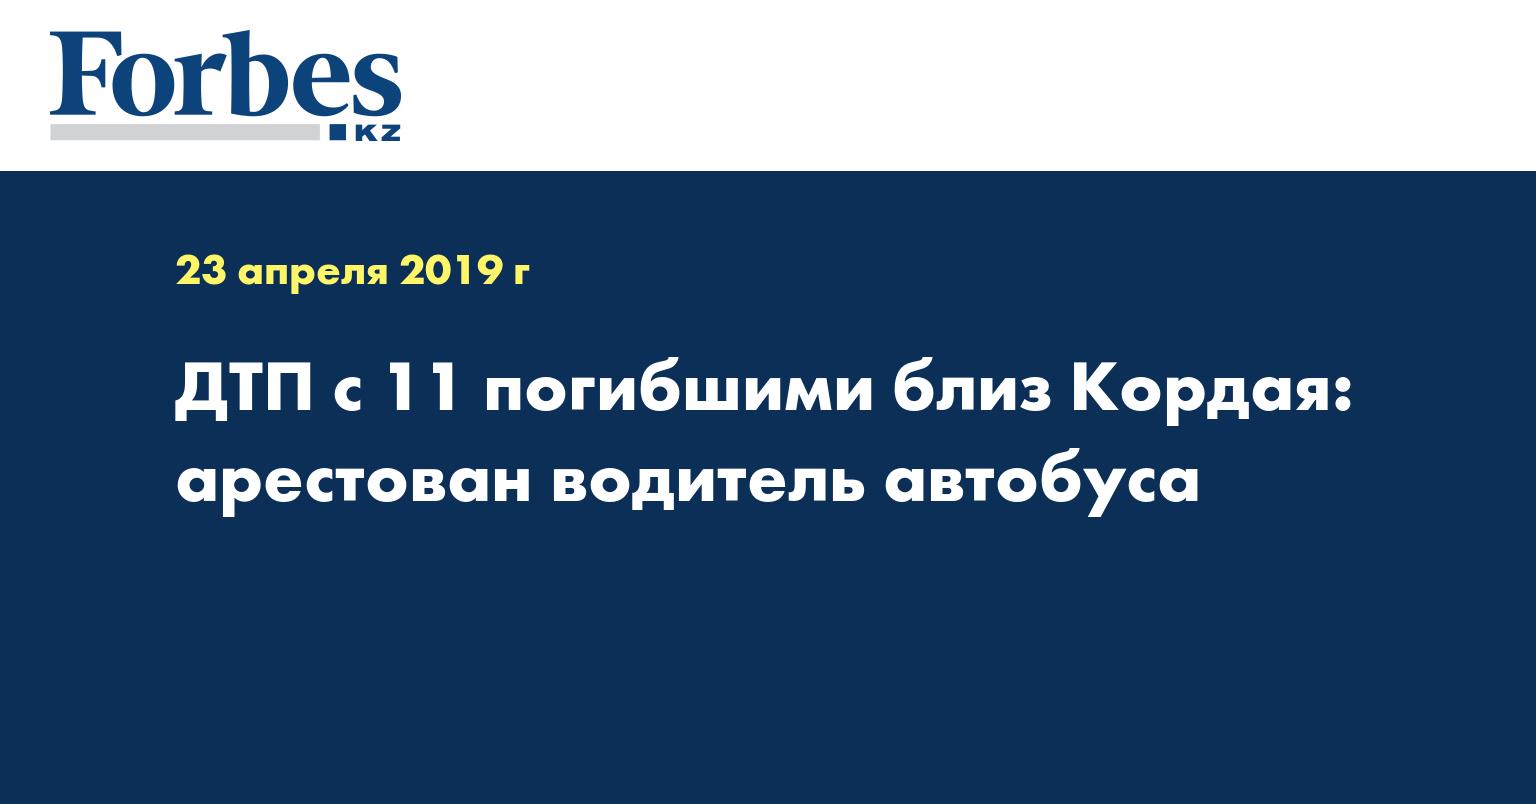 ДТП с 11 погибшими близ Кордая: арестован водитель автобуса -dtp-s-